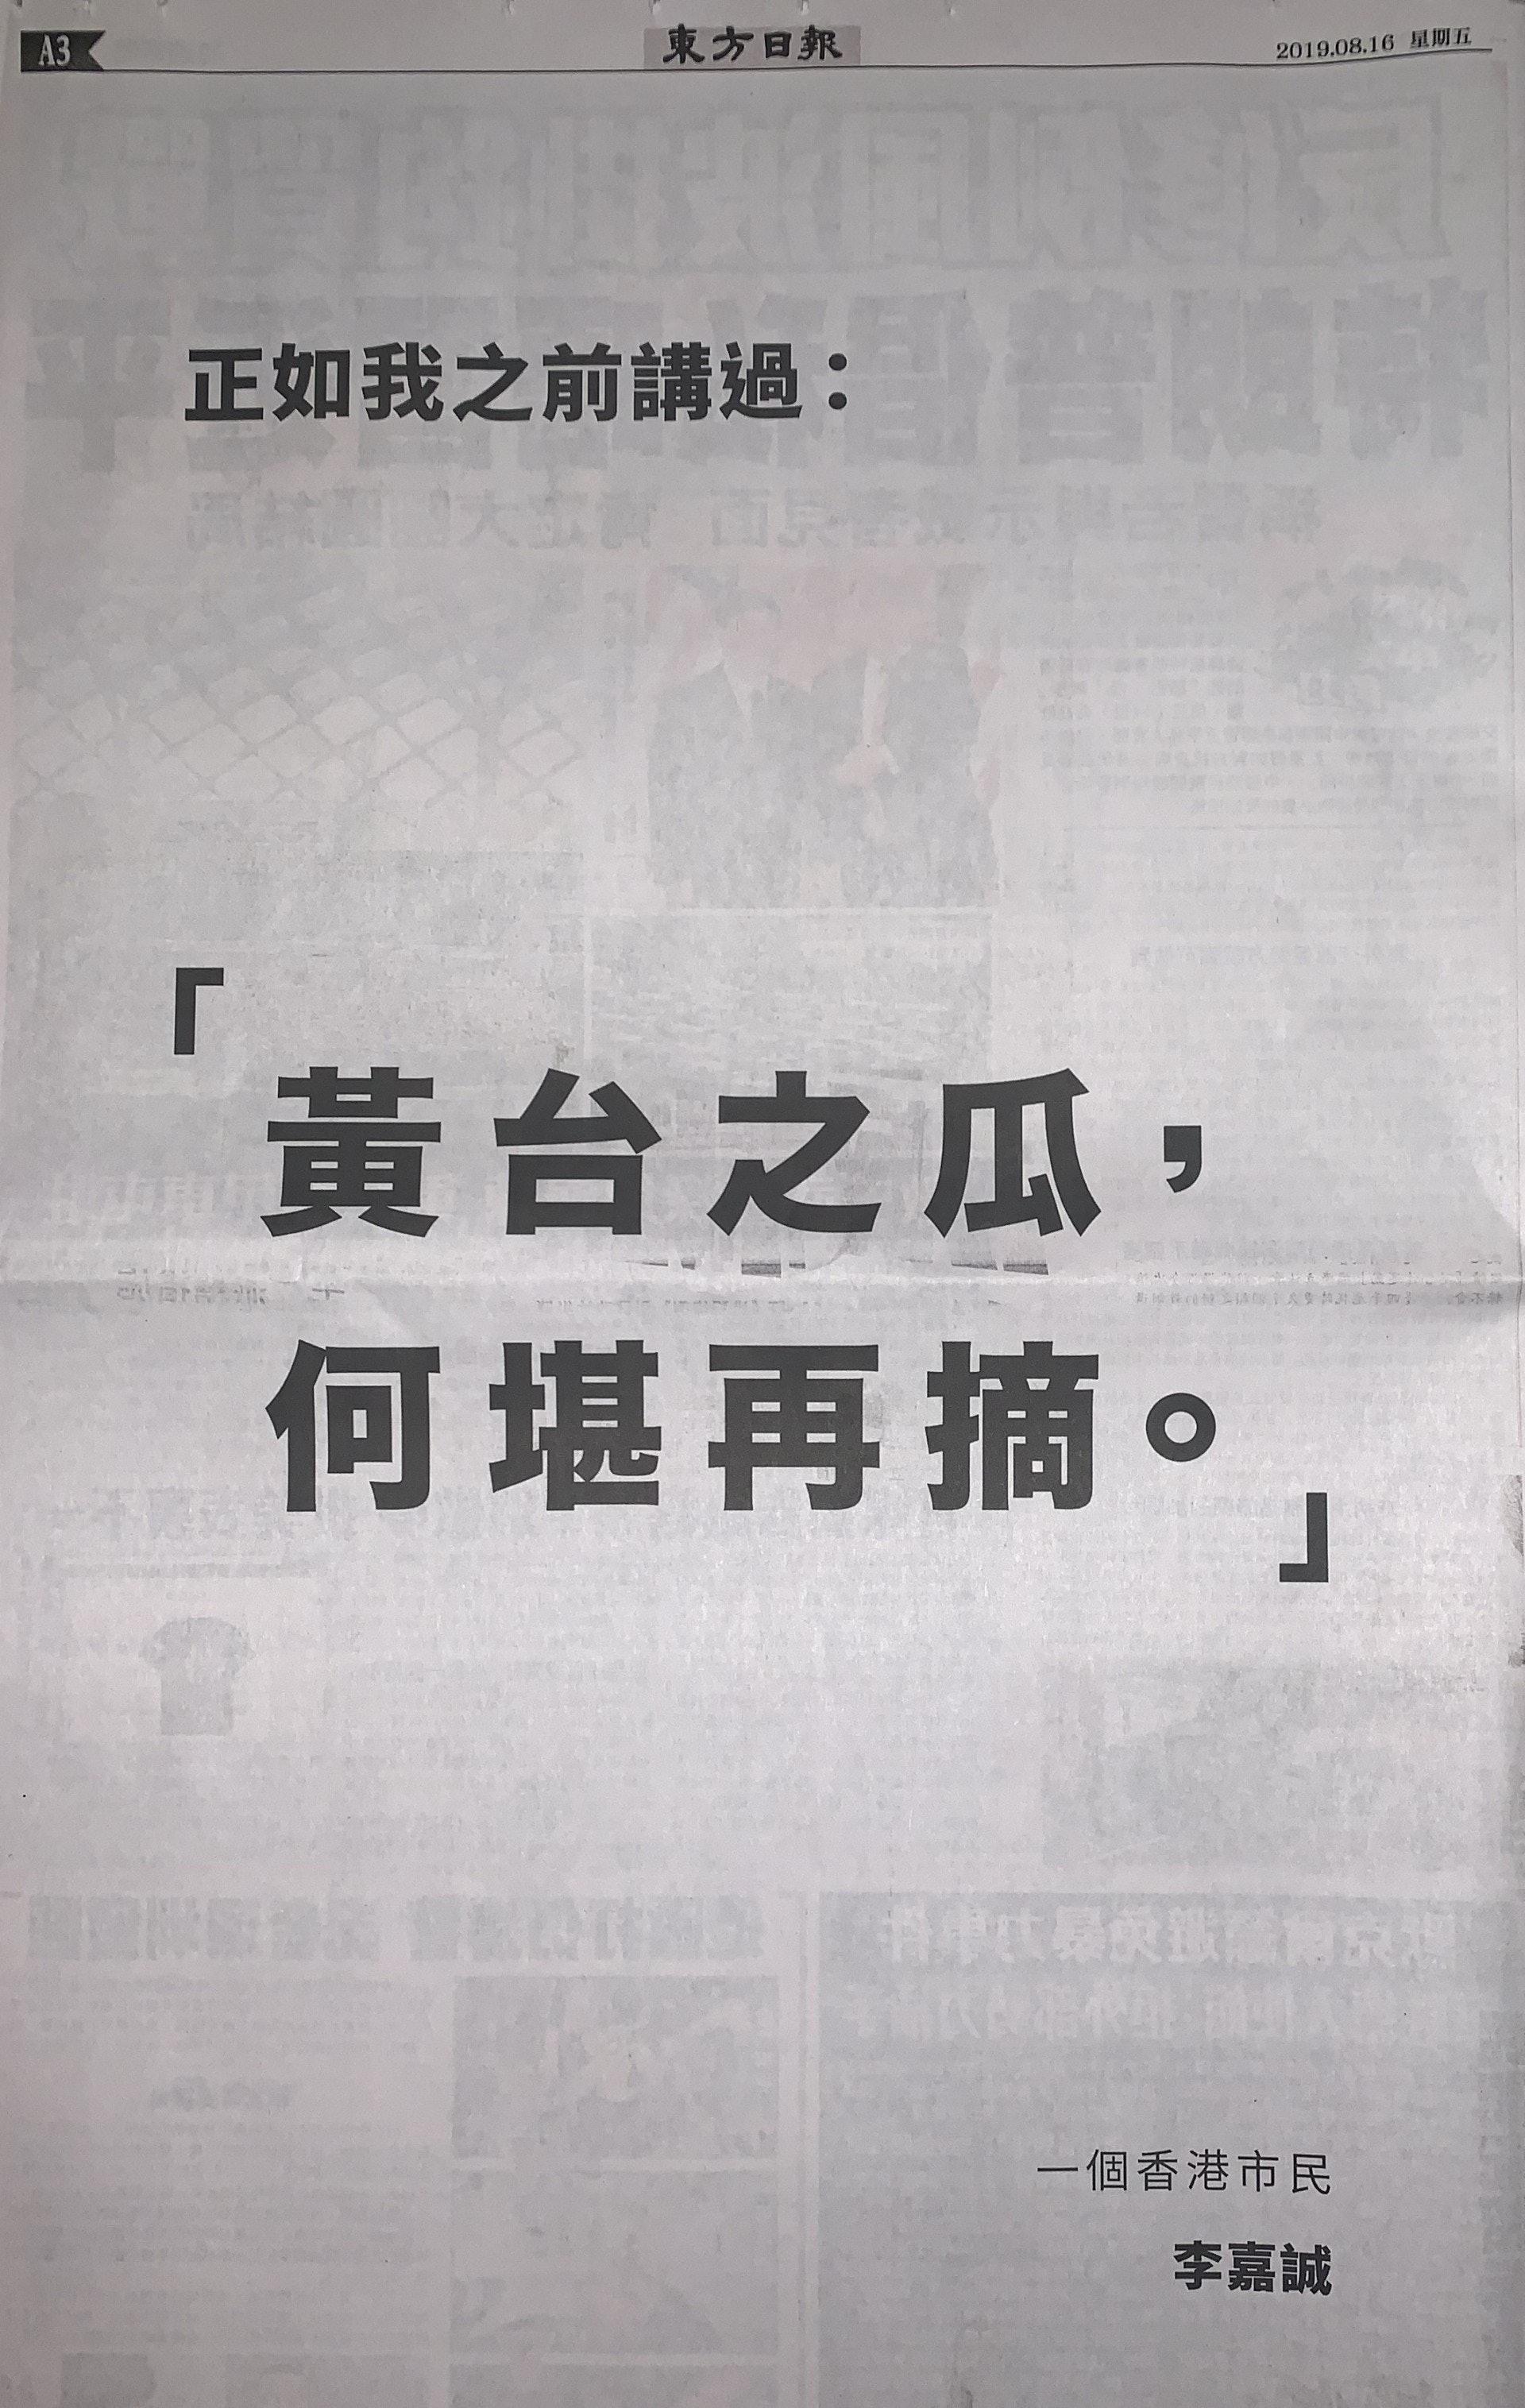 长和系资深顾问李嘉诚今日(16日)以「一个香港市民」名义,在本港多份报章刊登广告。(资料图片)